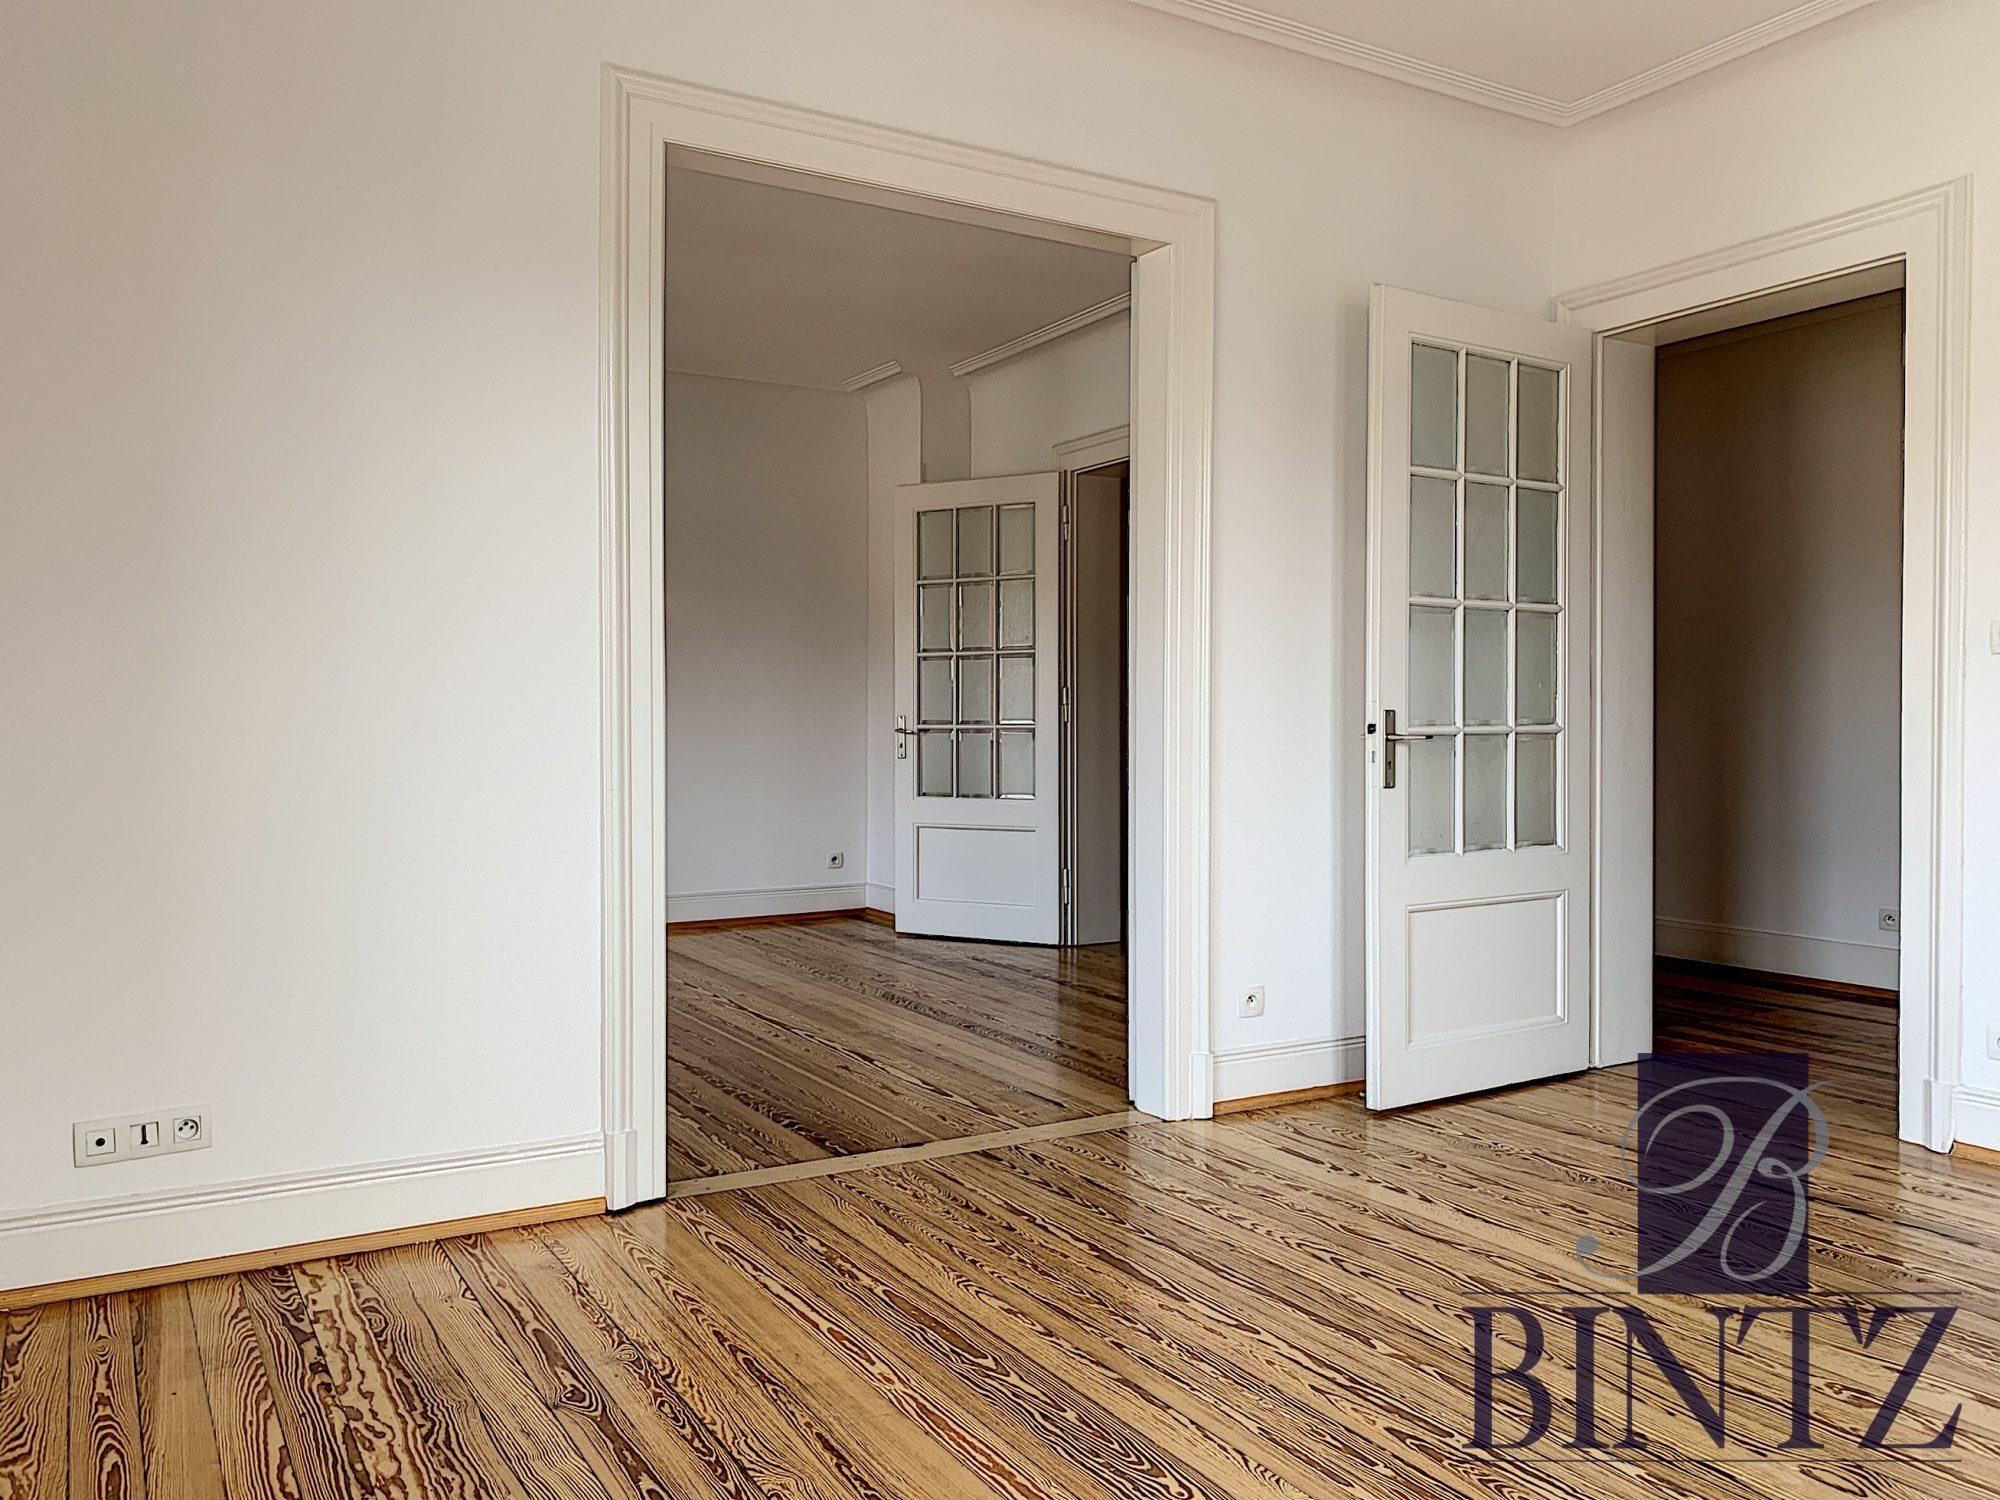 GRAND 4 PIÈCES RÉNOVÉ À NEUDORF - Devenez locataire en toute sérénité - Bintz Immobilier - 1